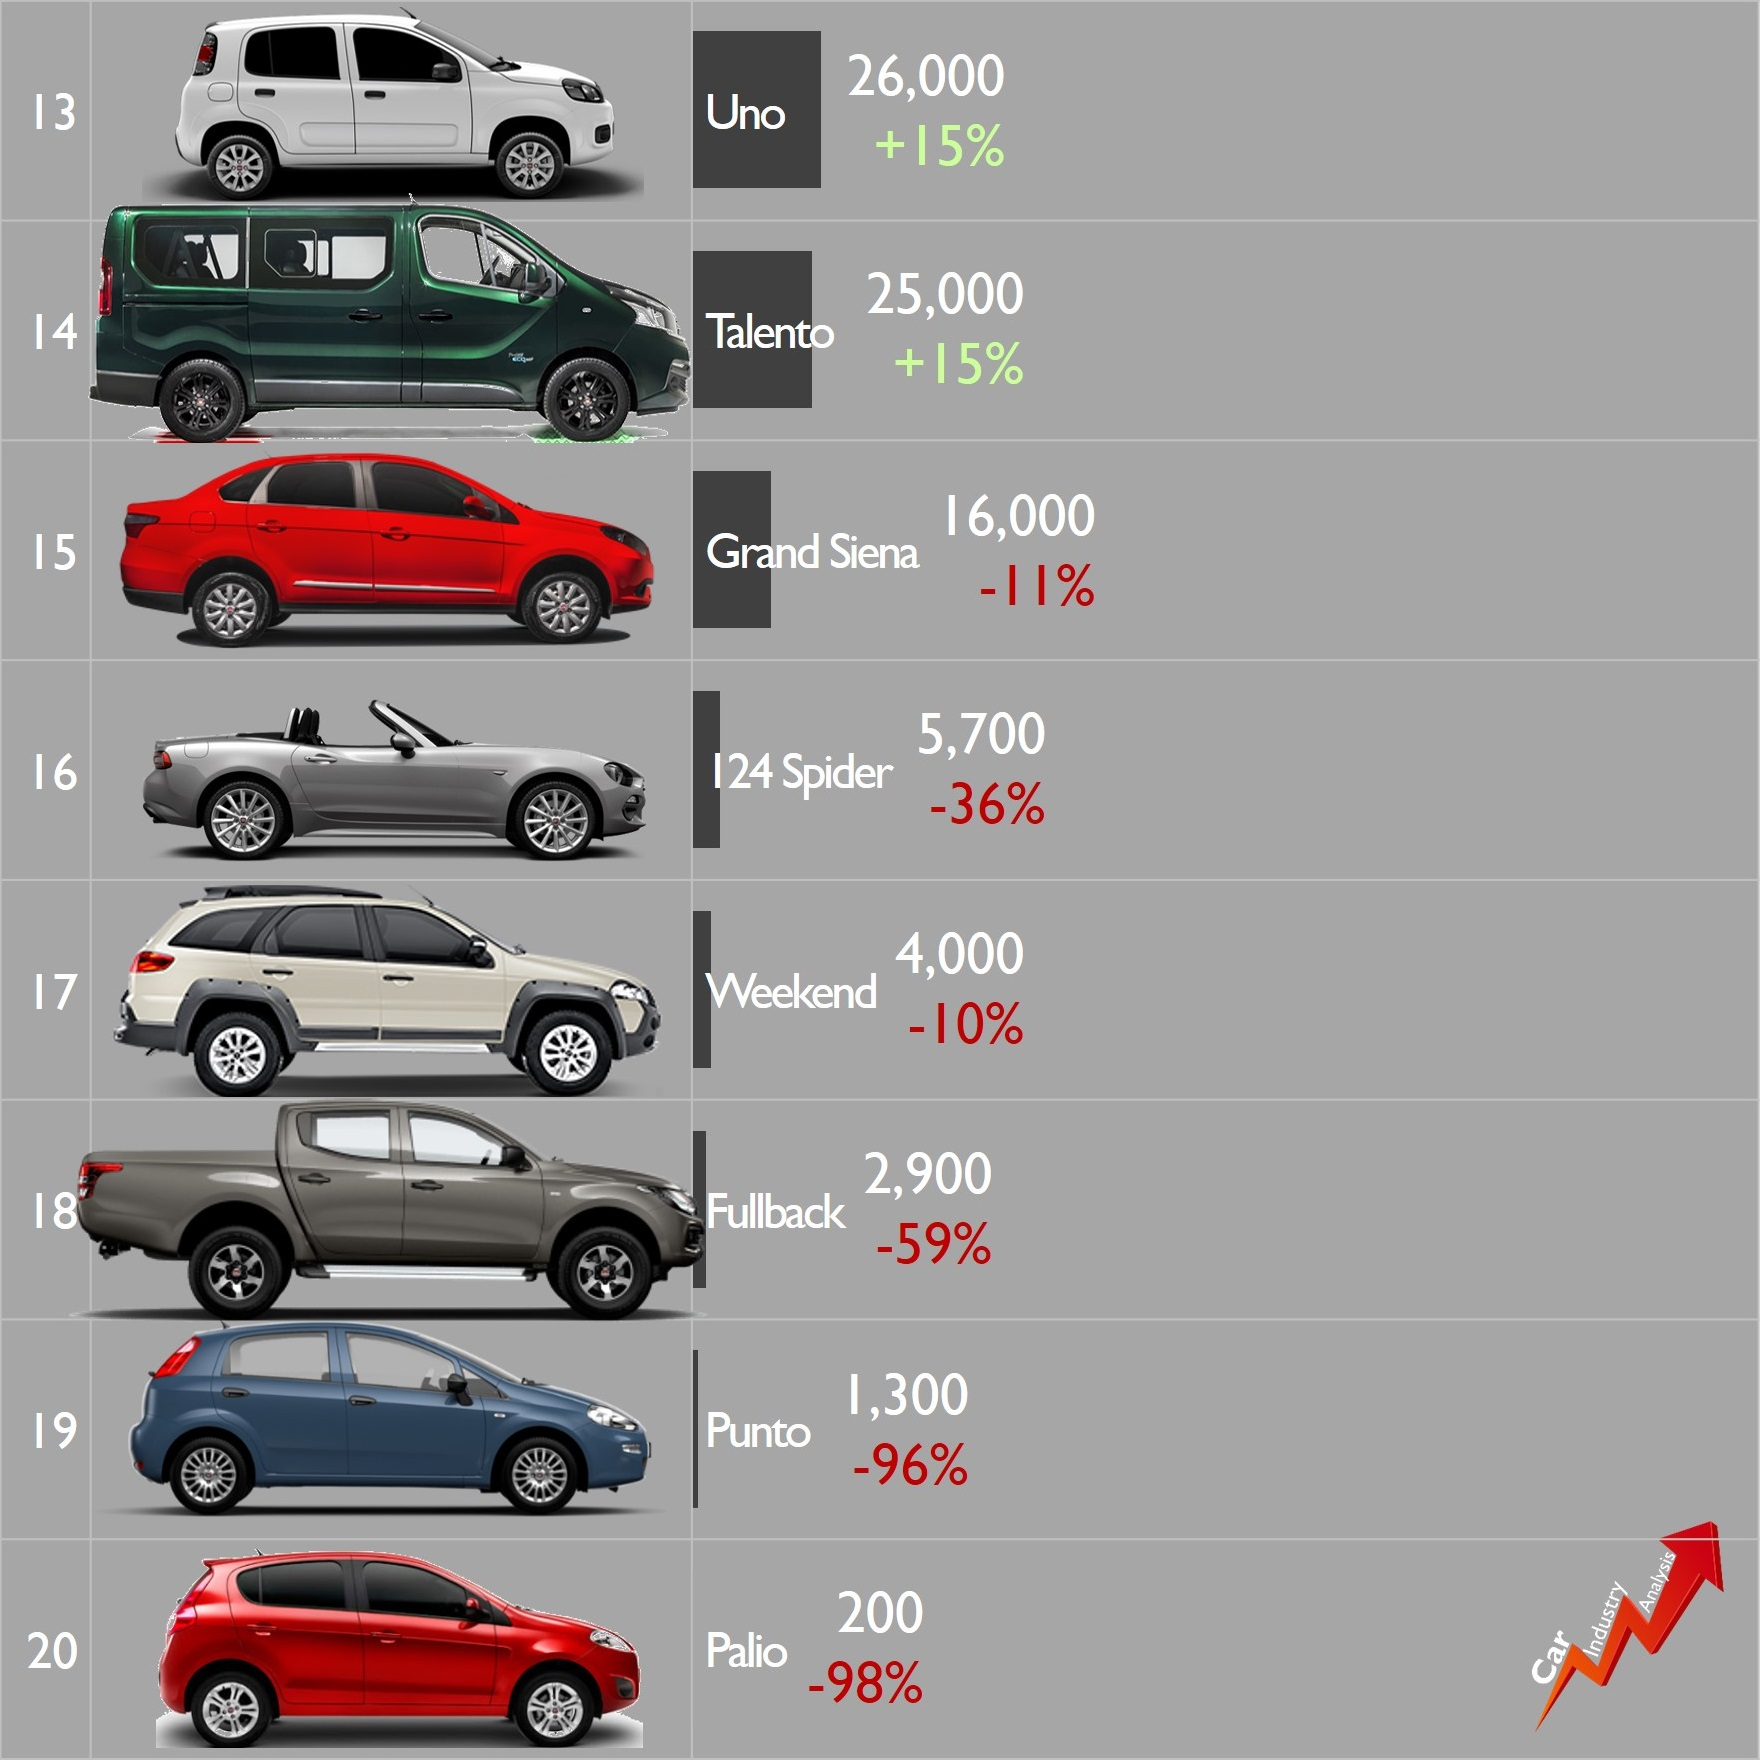 [Statistiques] Par ici les chiffres - Page 26 Fiat-b13